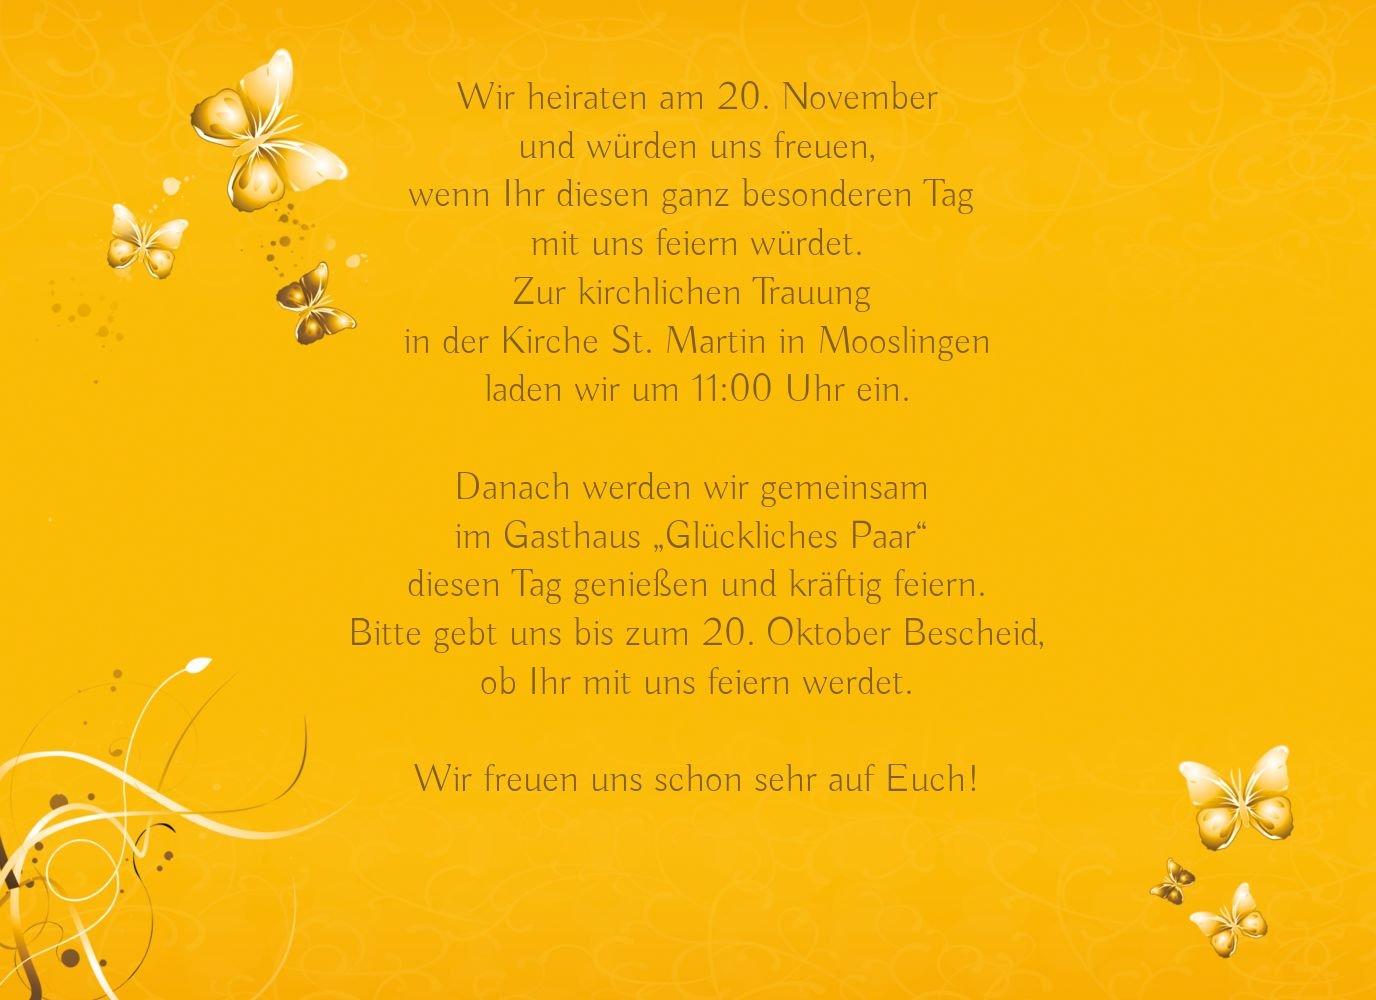 Kartenparadies Hochzeitskarte Hochzeit Einladung Einladung Einladung butterfly, hochwertige Einladung zur Heirat inklusive Umschläge   10 Karten - (Format  148x105 mm) Farbe  Lila B01N6TCFMM | Shop  | Deutschland Shop  | Spezielle Funktion  6b91b8